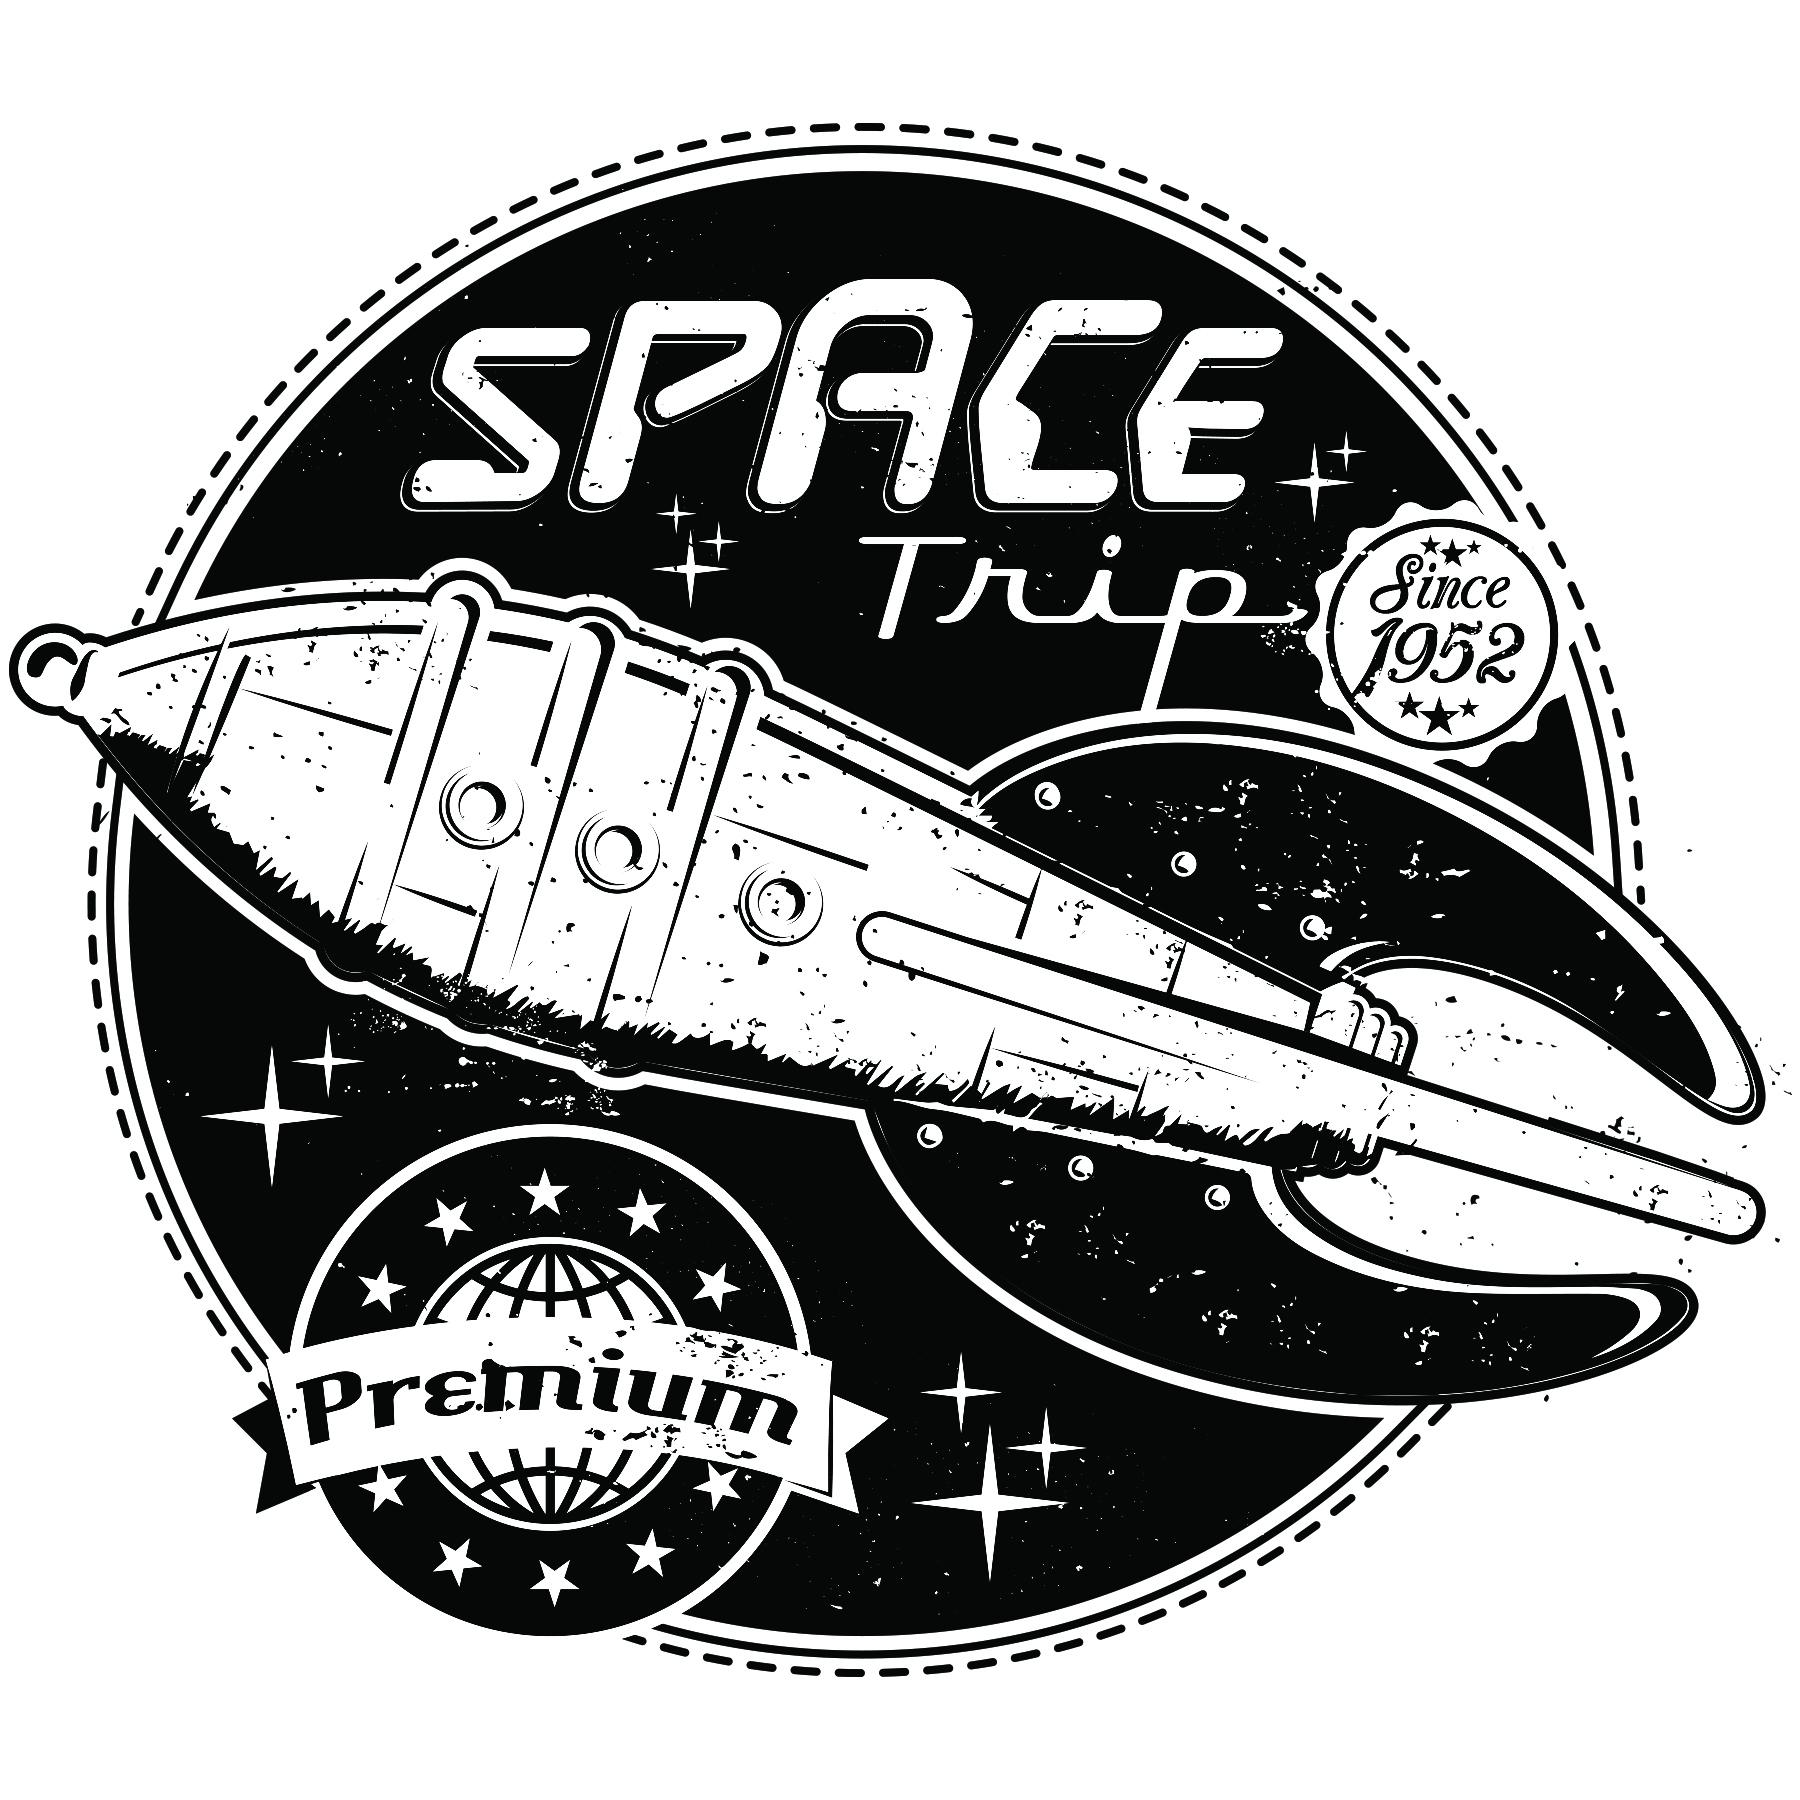 sci-fi badge 02